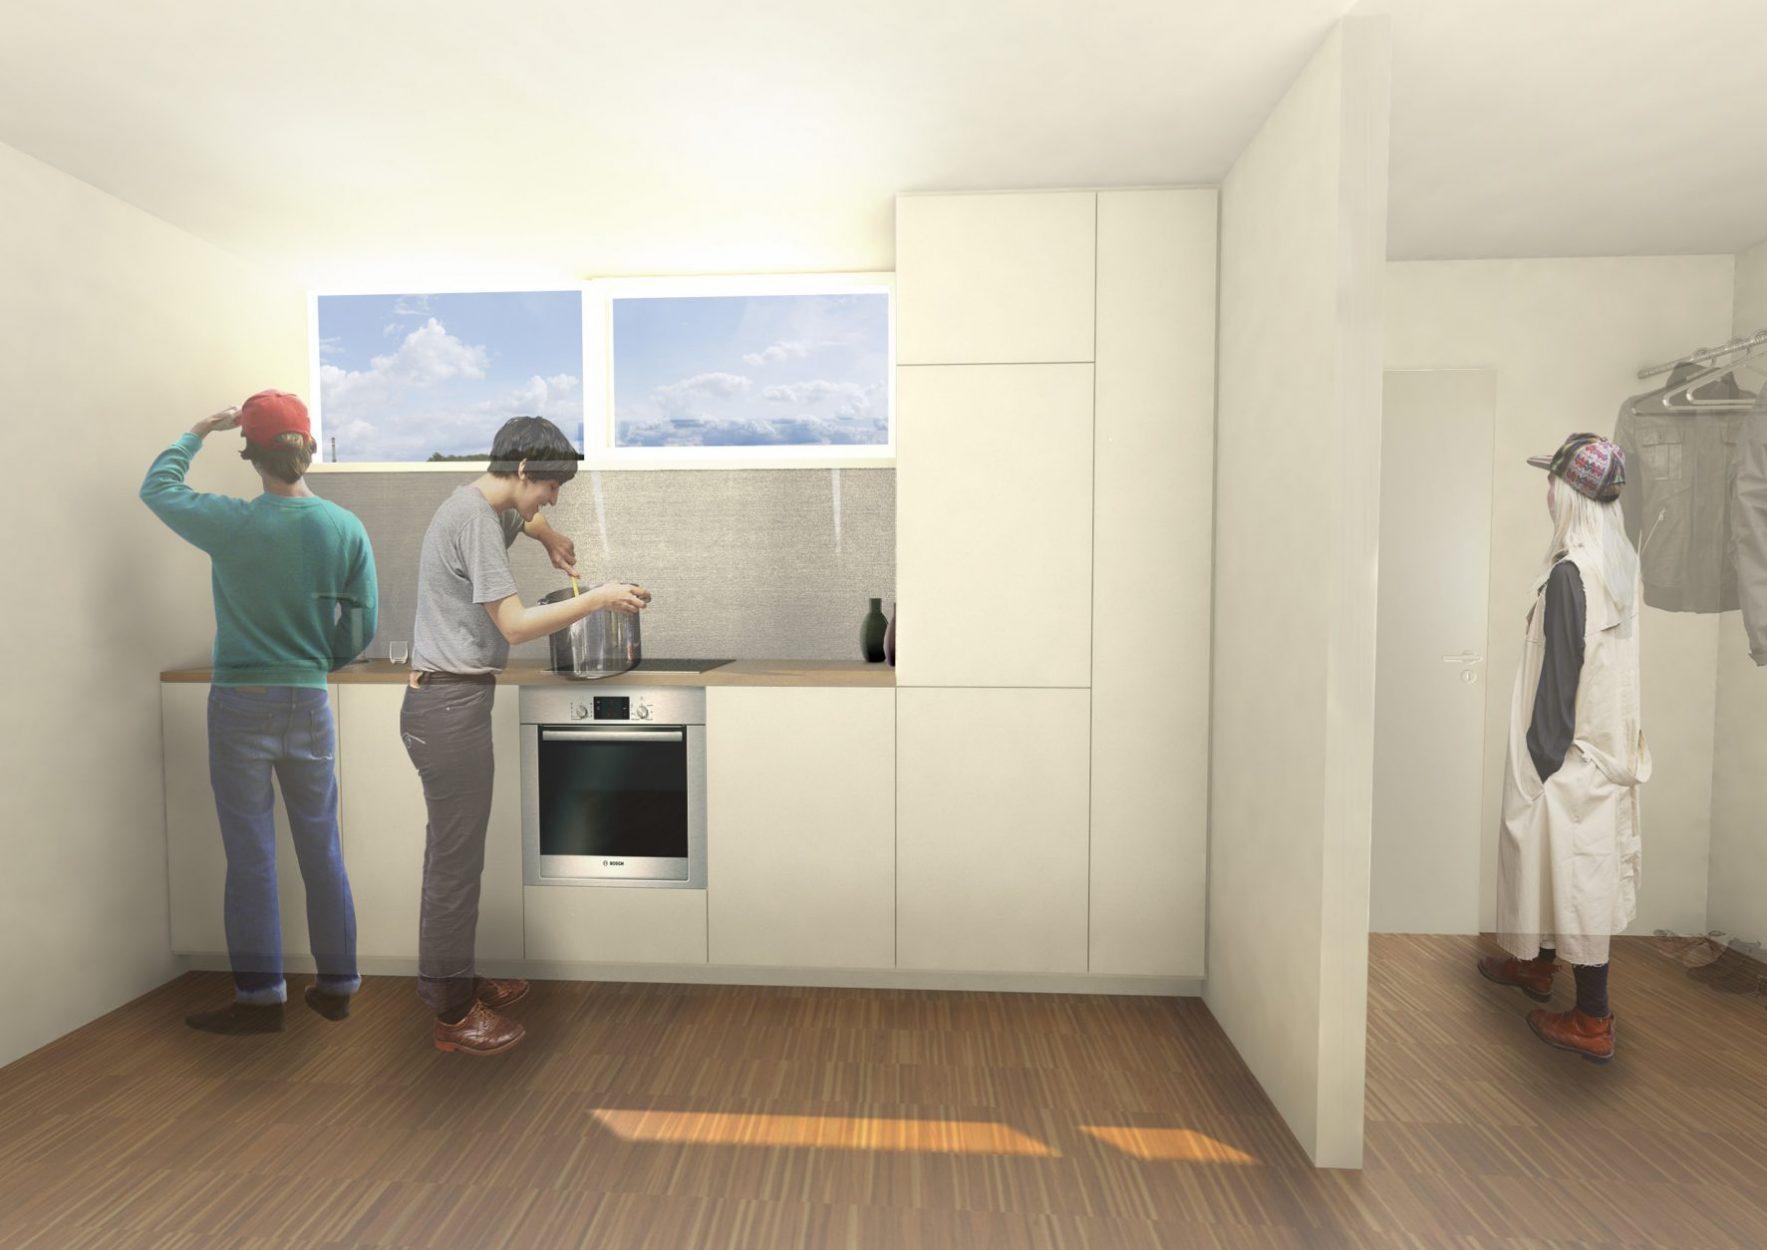 modular-bauen-beispiel-wohnmodul-innenraum